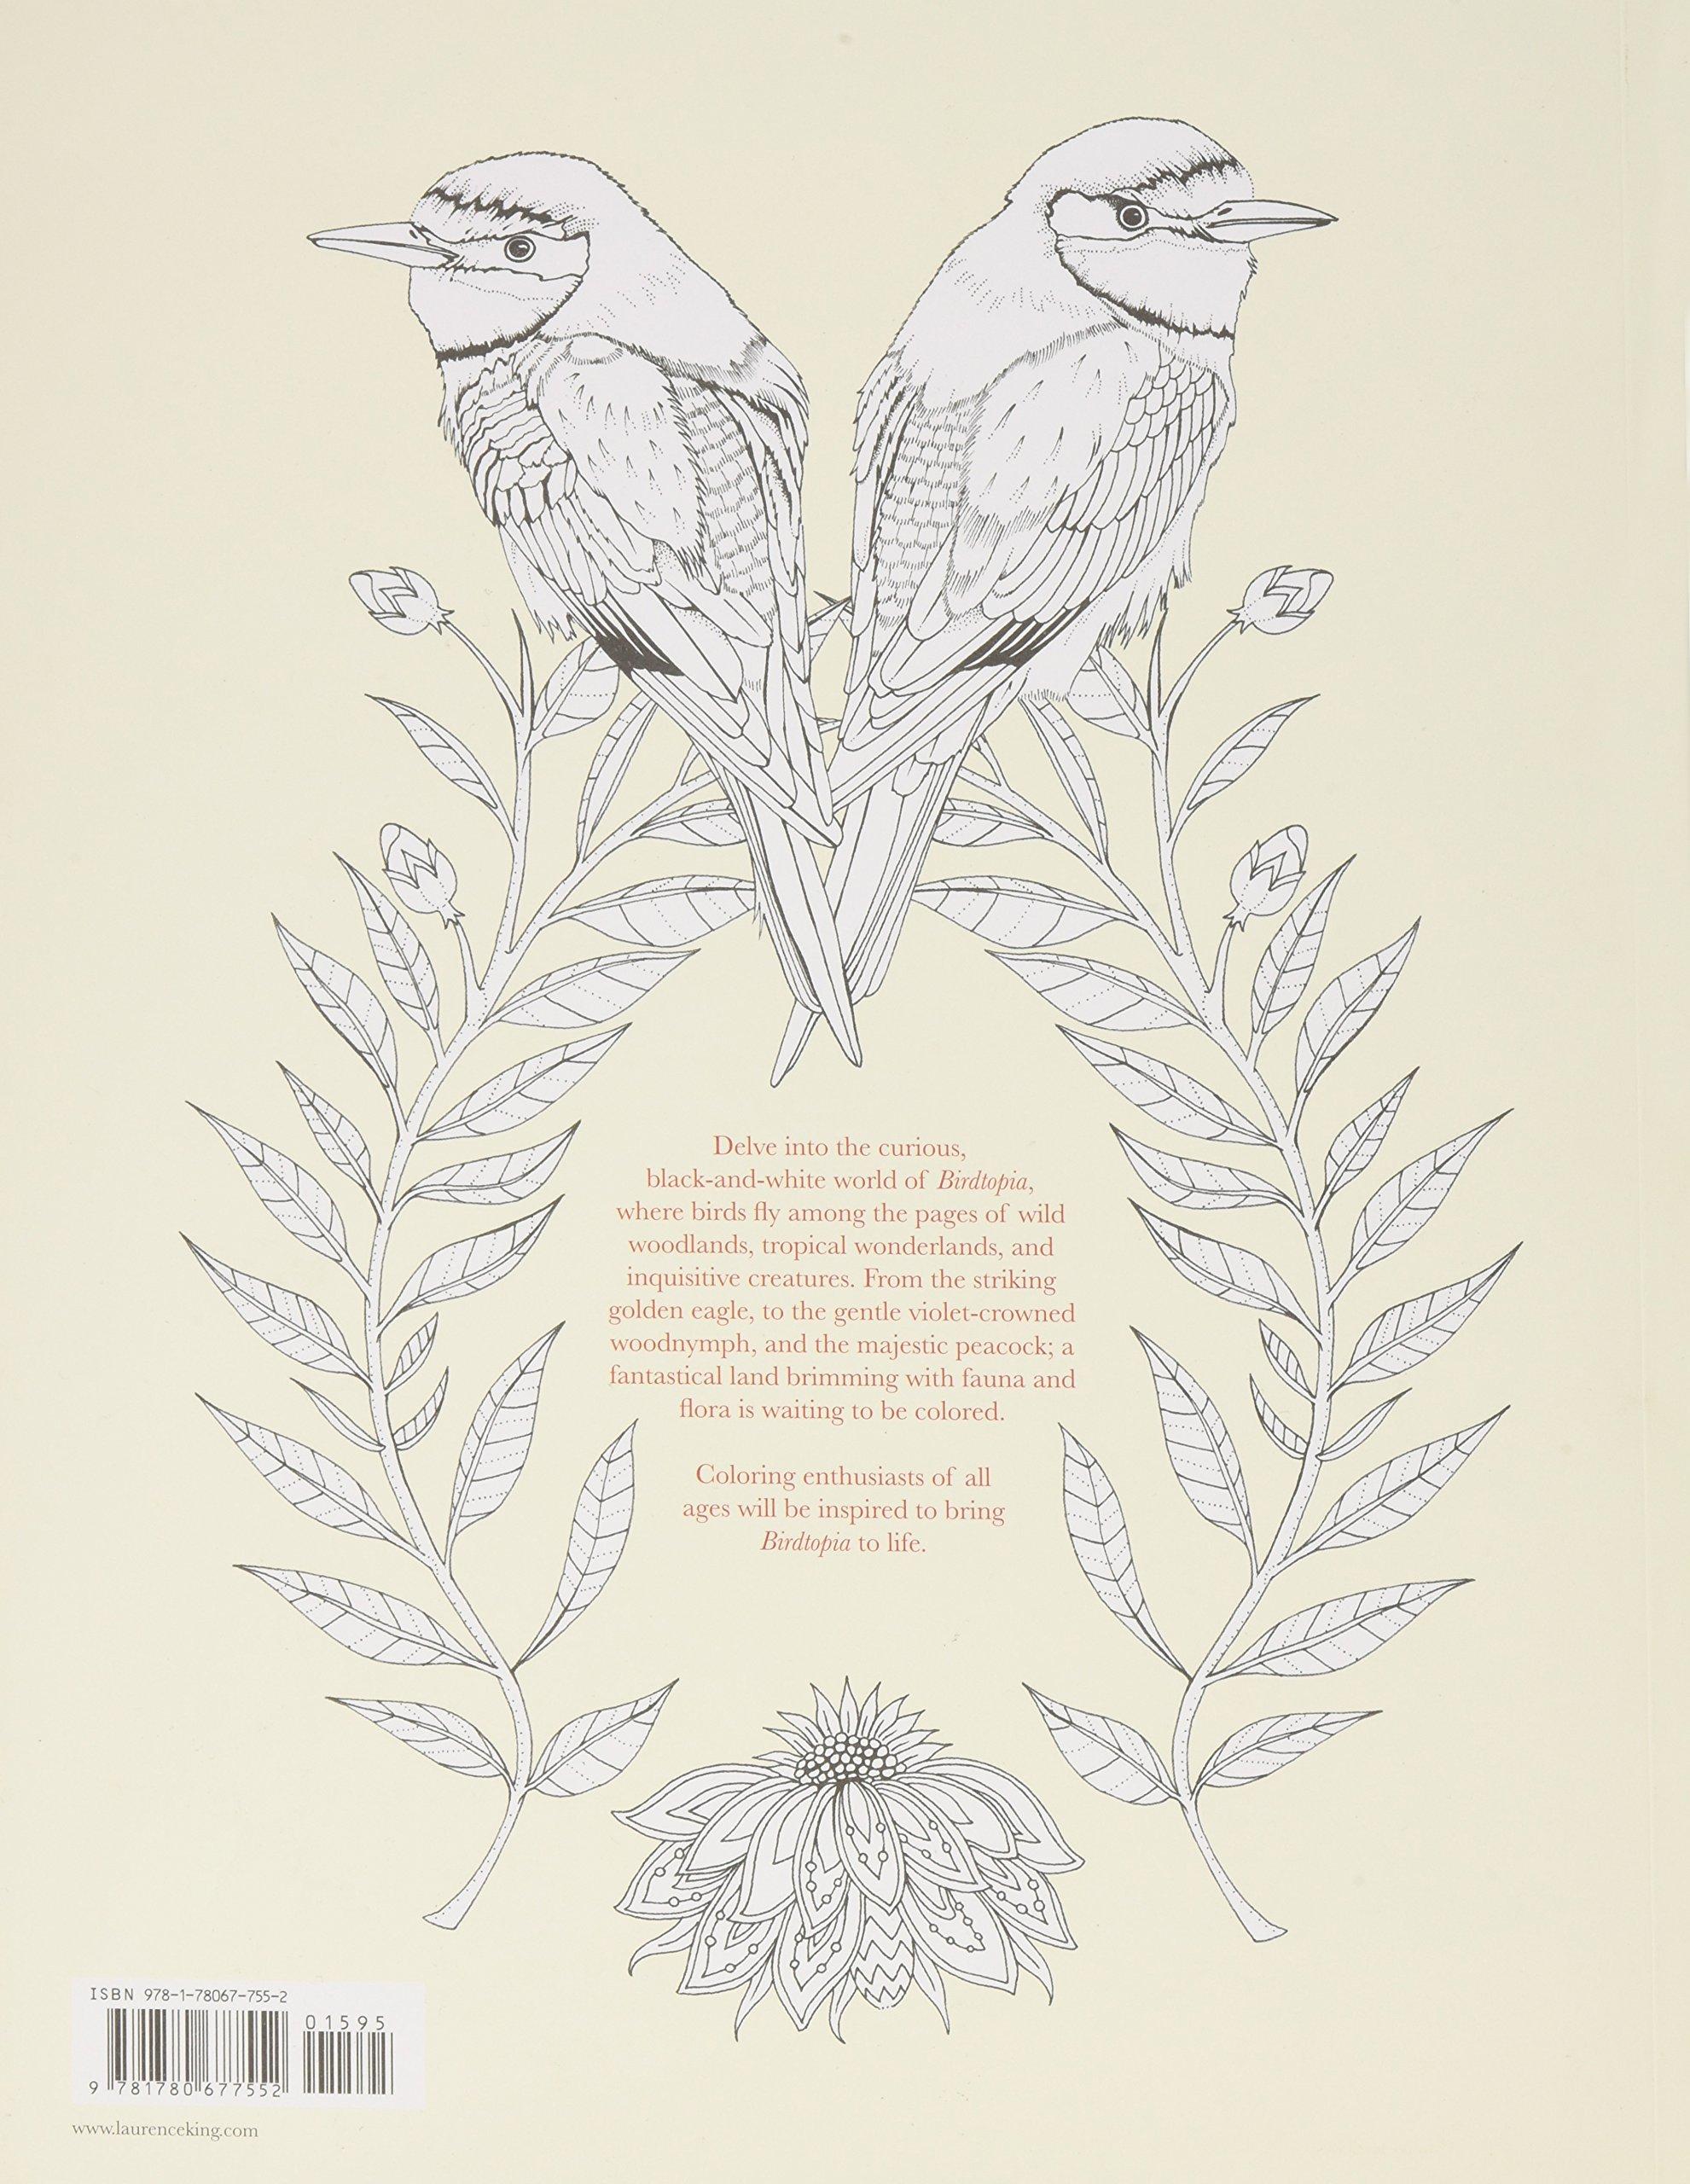 amazon com birdtopia coloring book 9781780677552 daisy